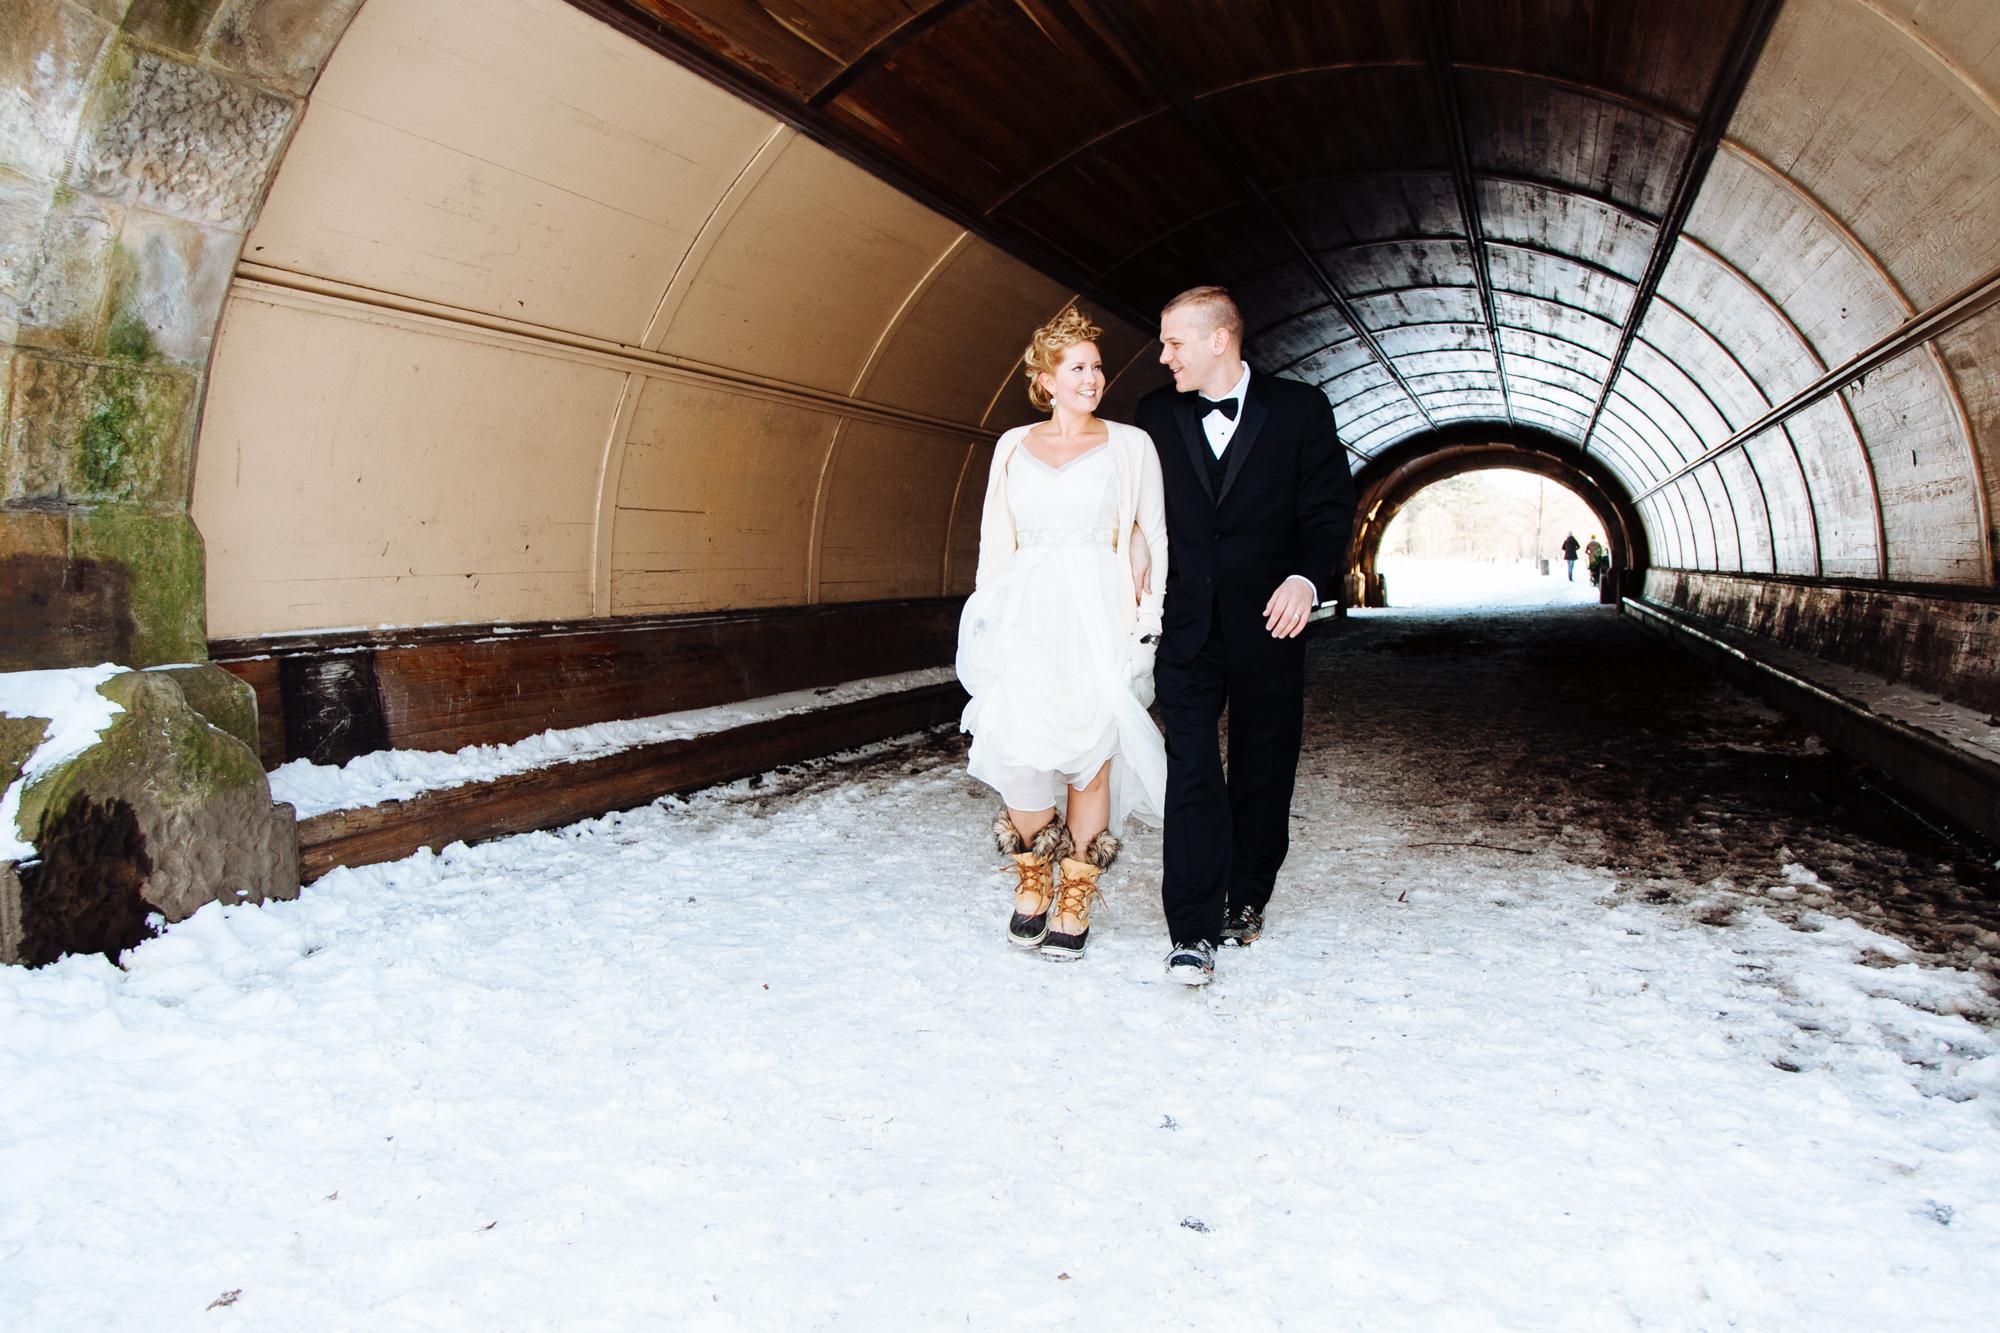 HeatherPhelpsLipton-Modern-WeddingPhotography-GreenBuilding-winter-prospectpark-14.jpg